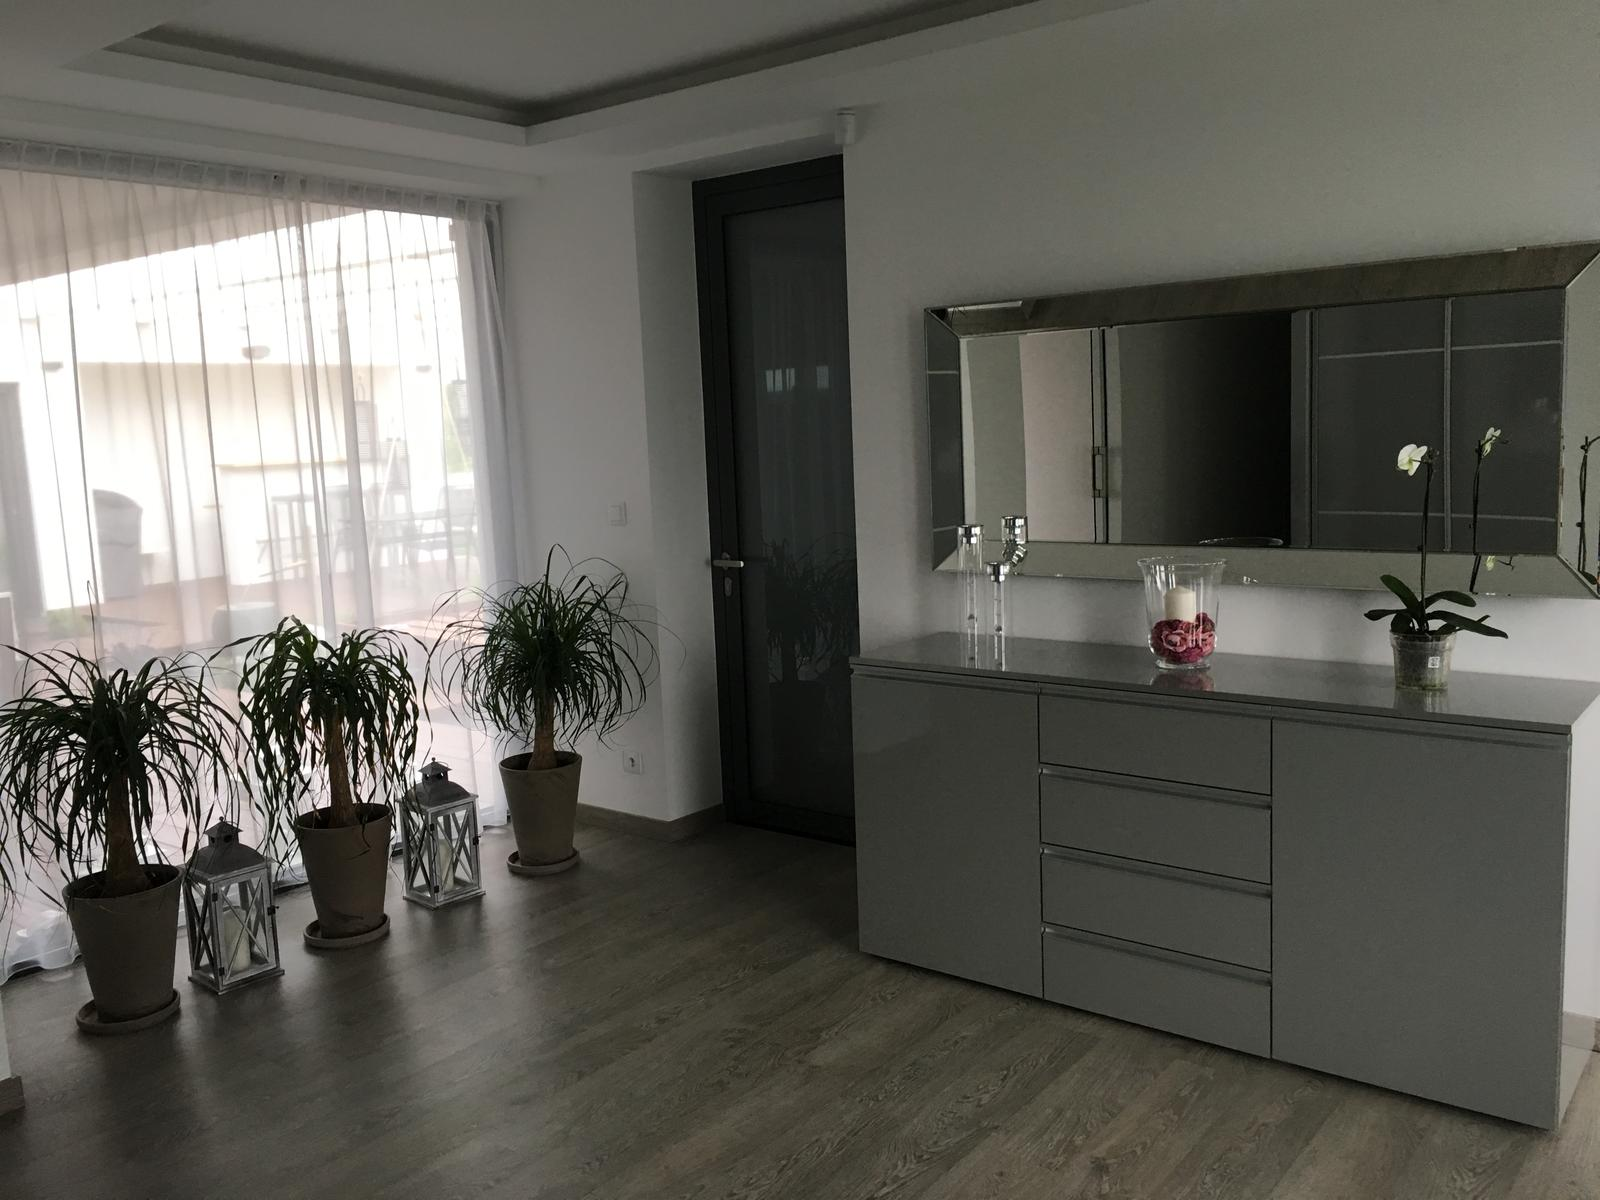 Kuchyňa a predsieň - Obrázok č. 8